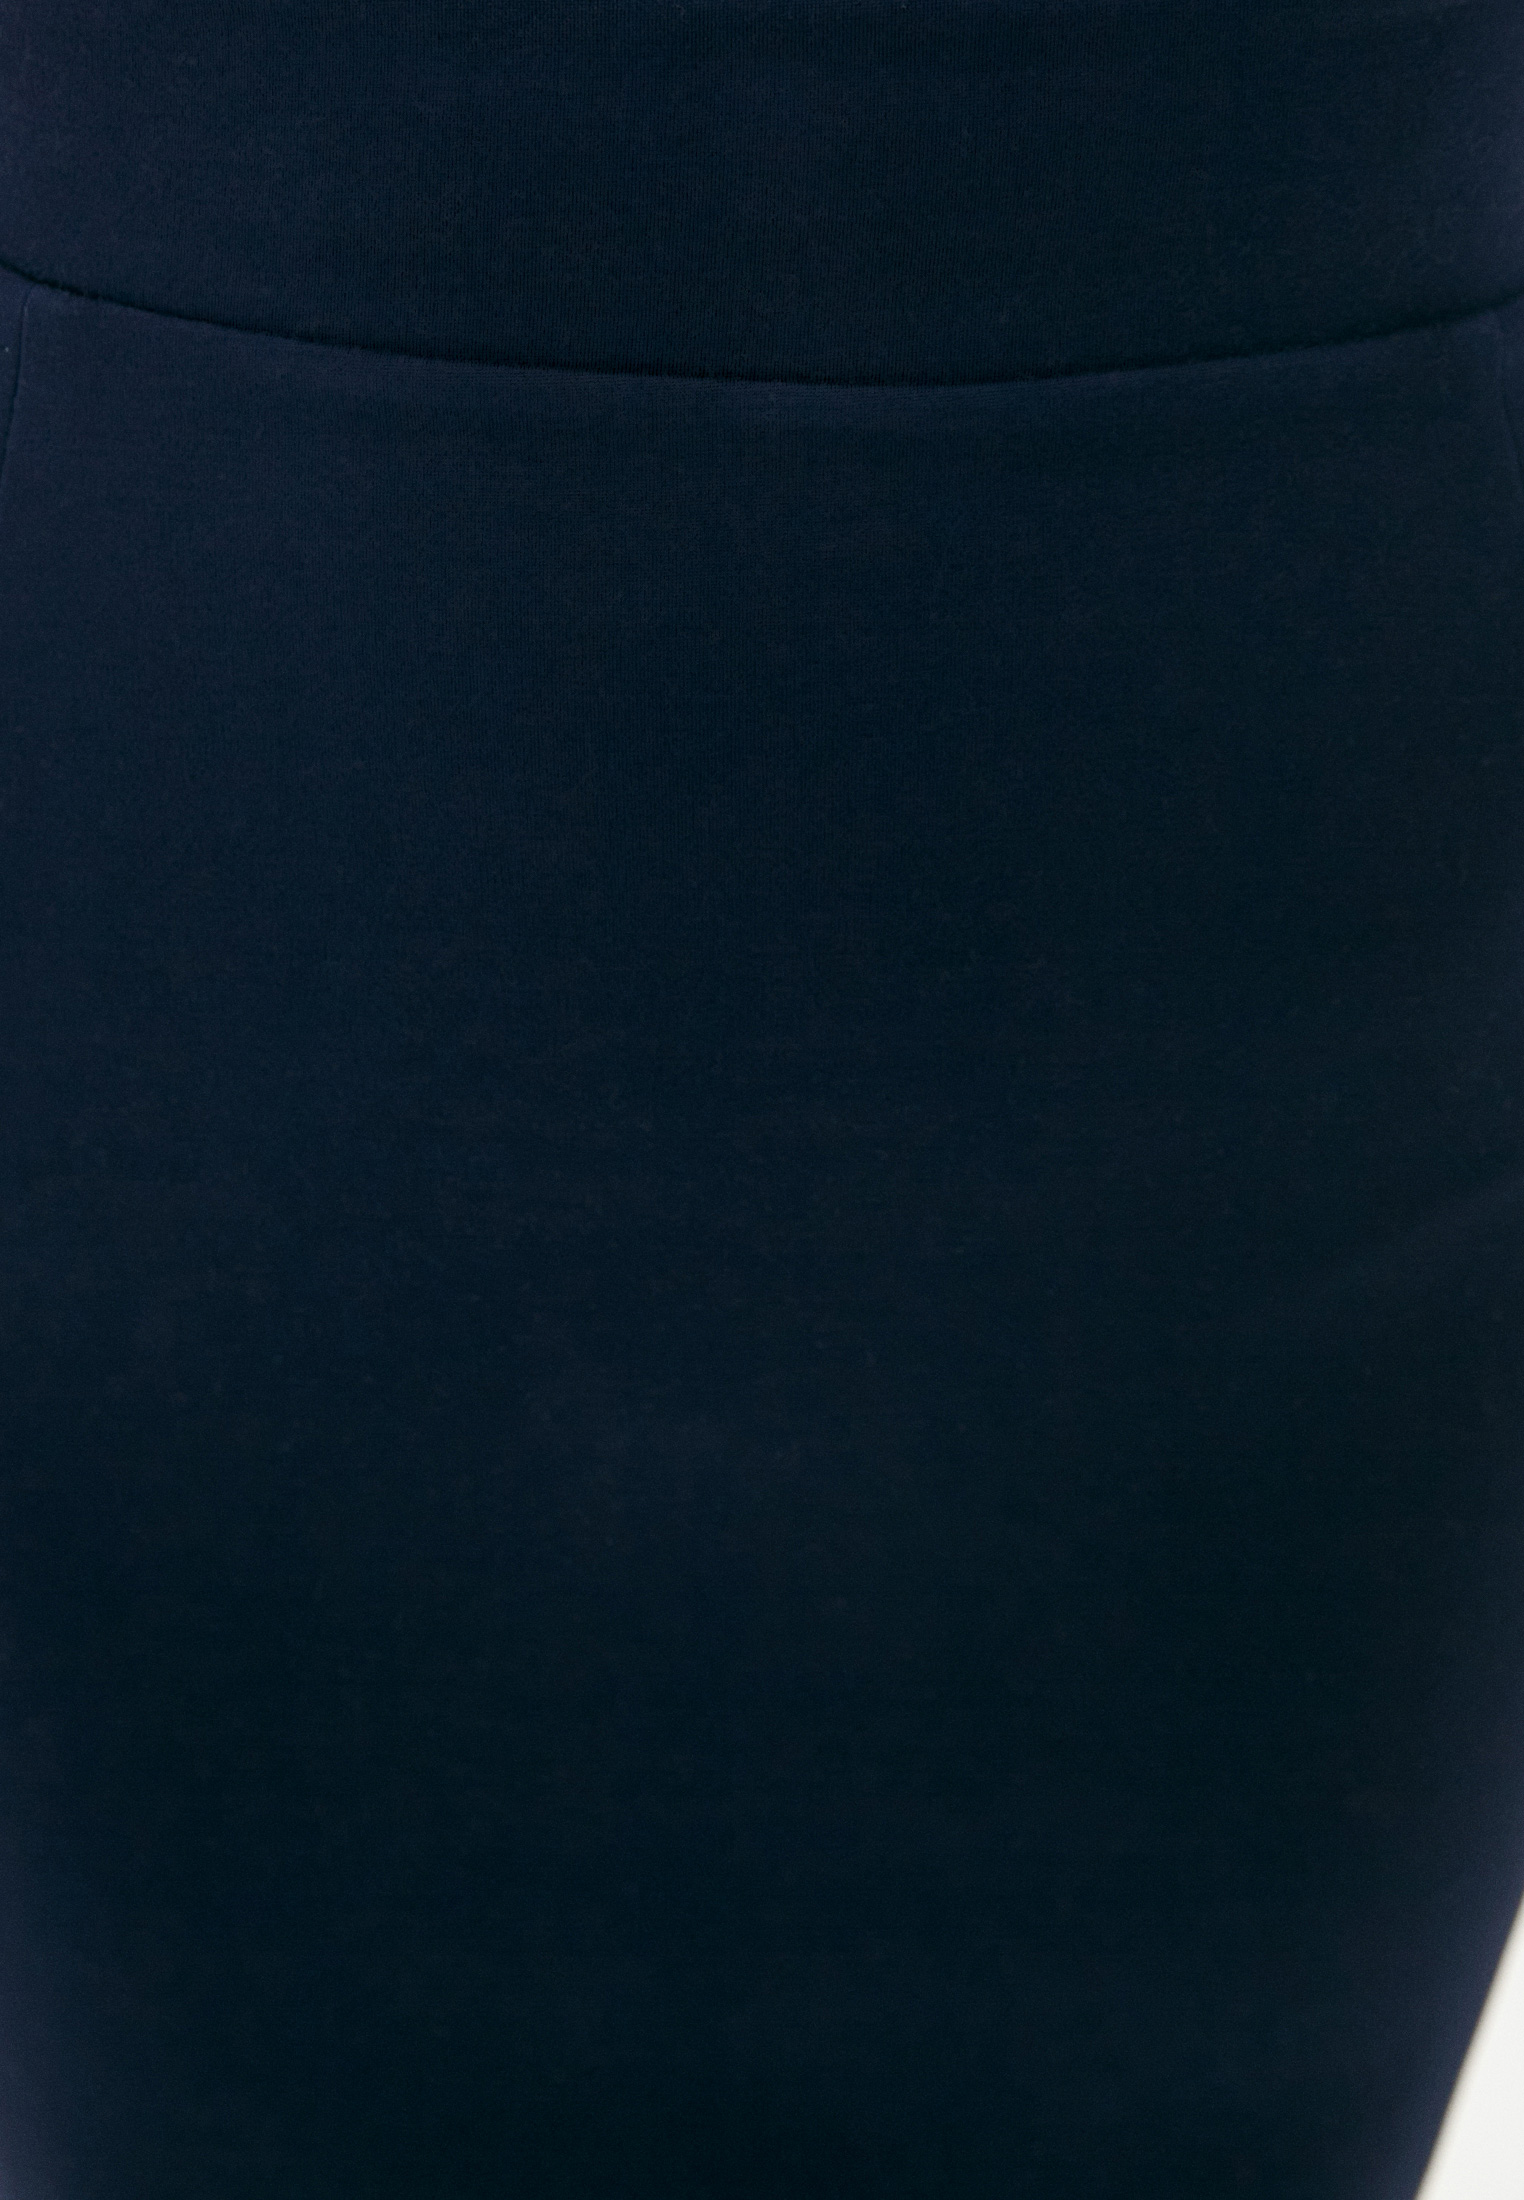 Прямая юбка Toku Tino TT8518025/: изображение 4